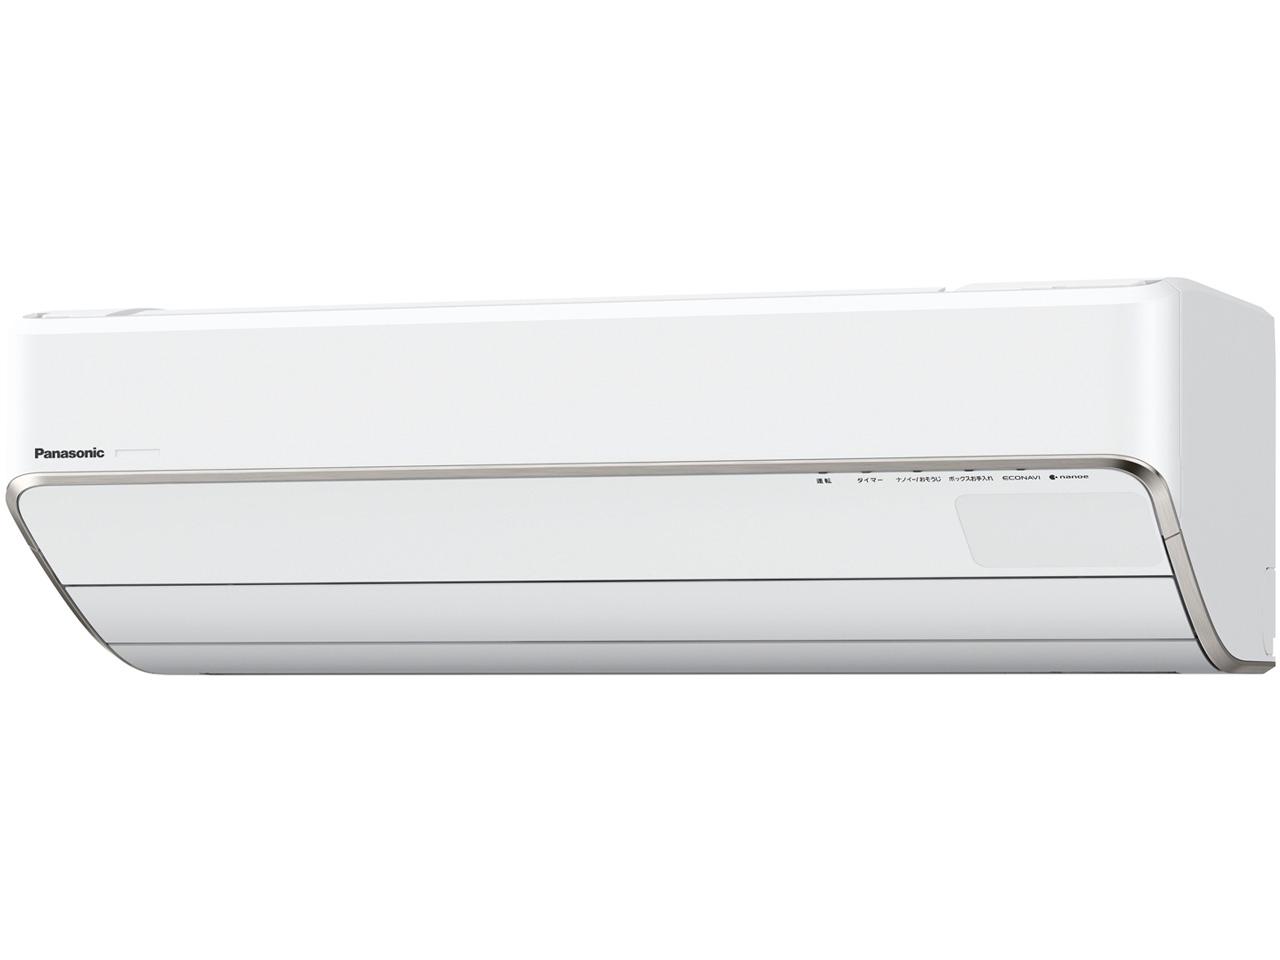 【代金引換不可】CS-SX226C Panasonic(2個口の商品です) パナソニック パナソニック エアコン エアコン ナノイー ナノイー, 勝浦郡:d516c688 --- sunward.msk.ru